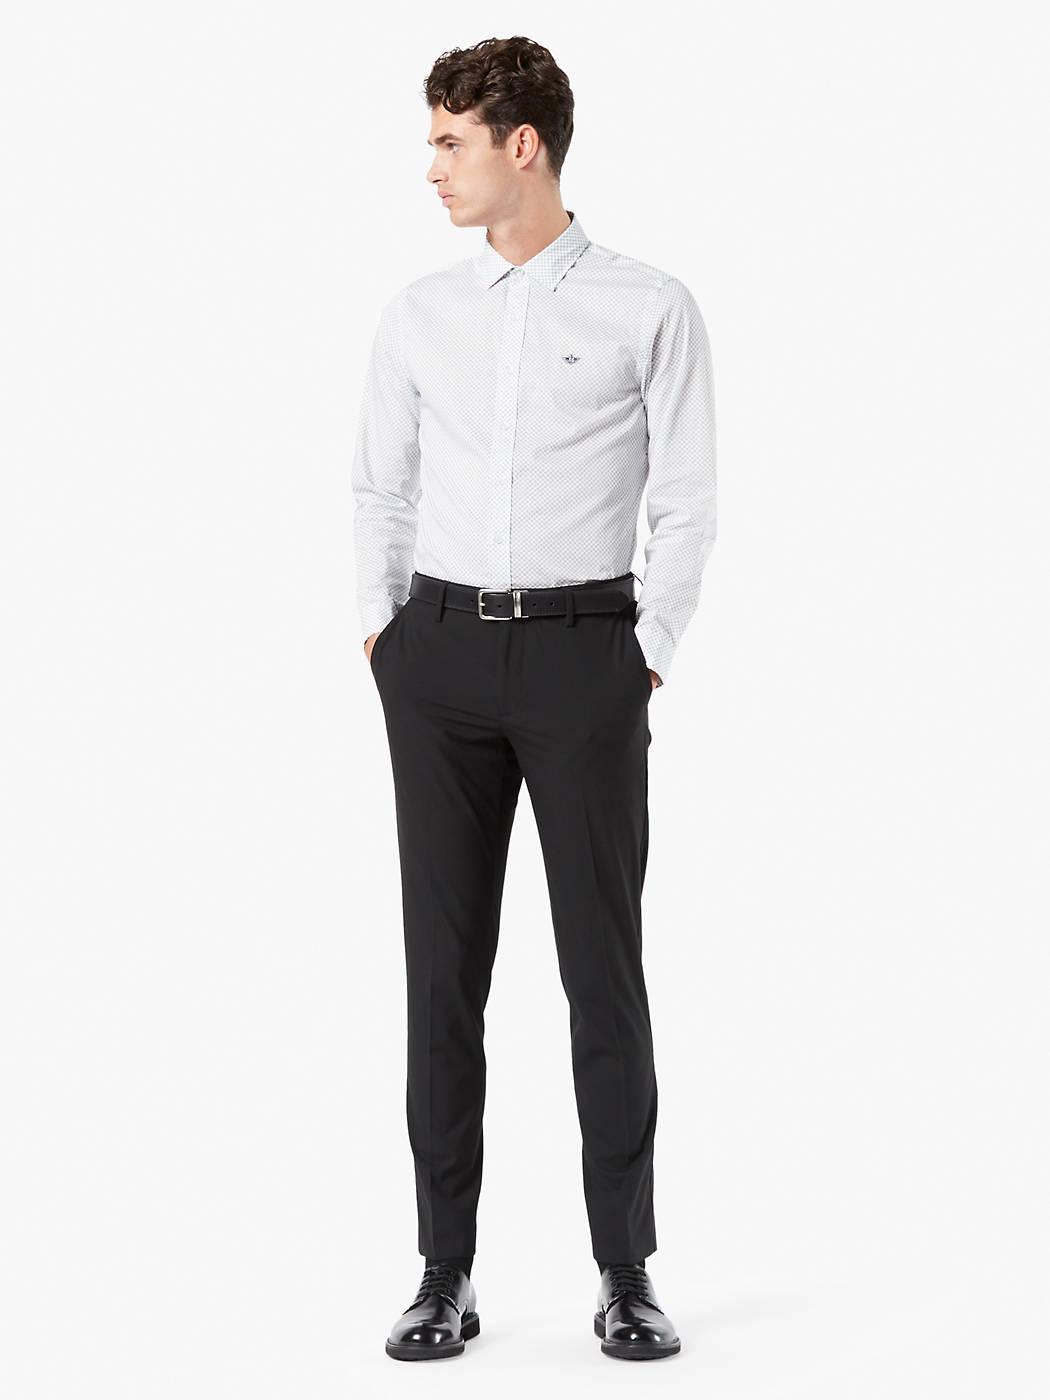 Man wears Dockers Alpha Trousers Slim Fit Pants in black